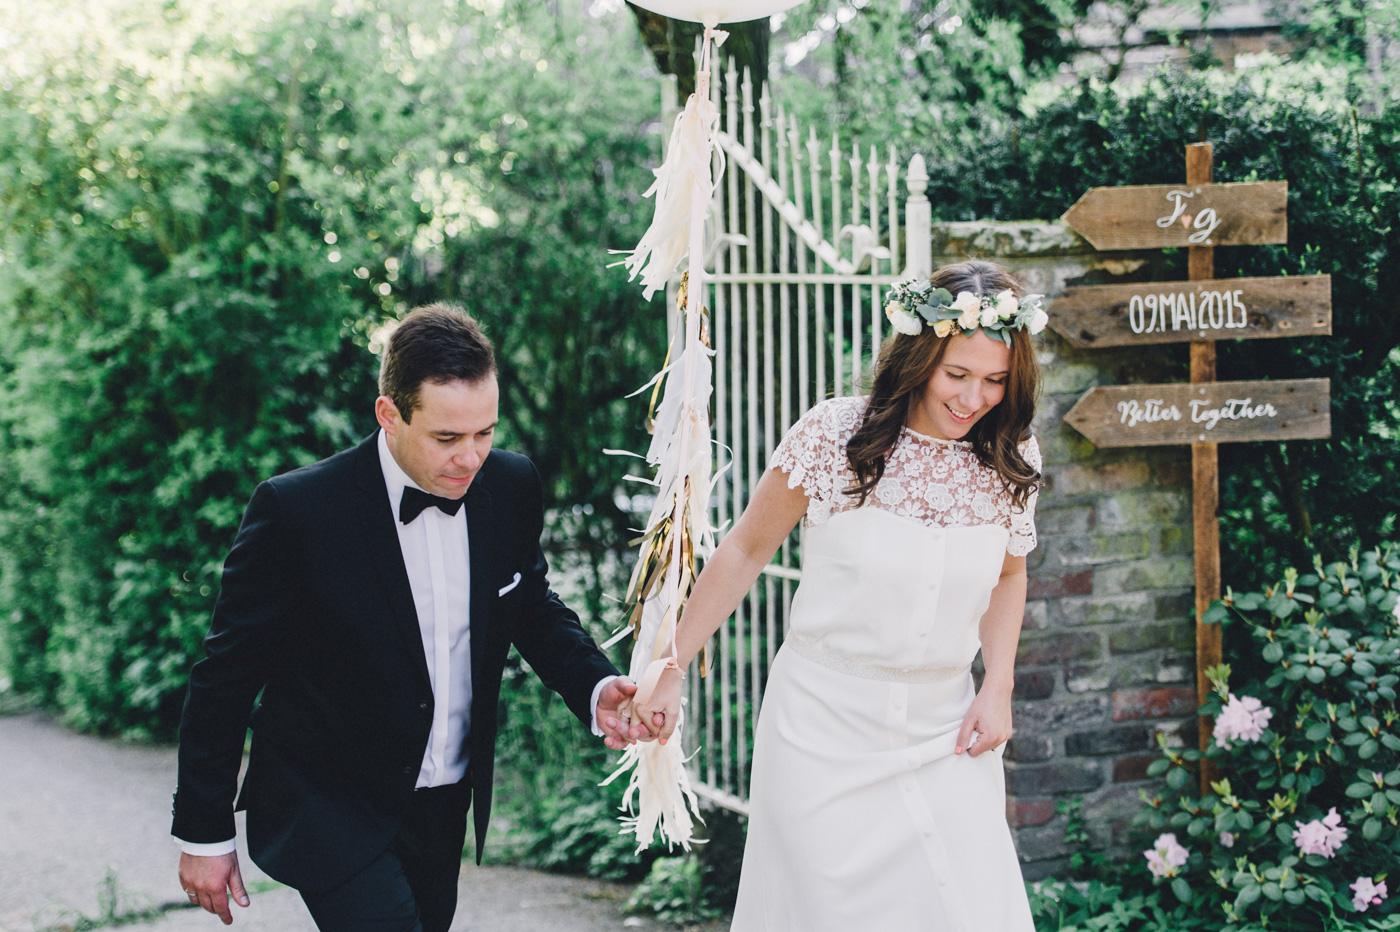 diy-wedding-nothenhof--110